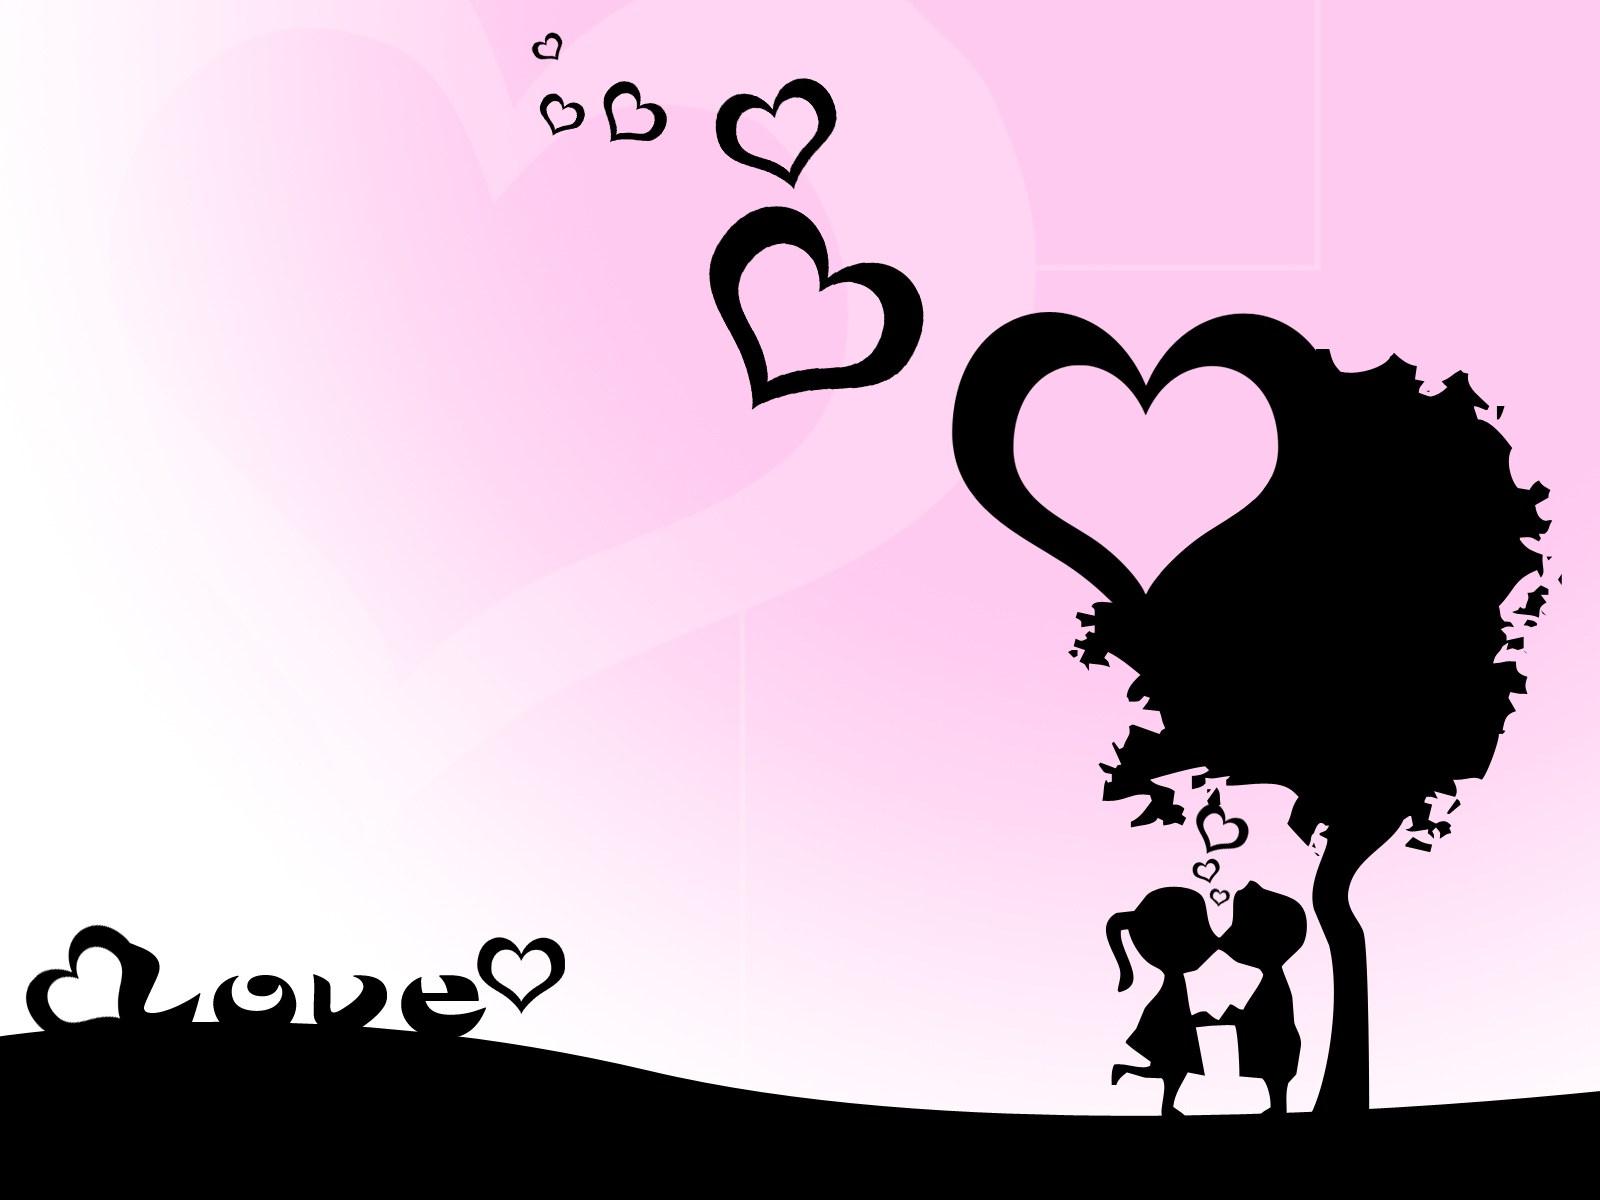 Ảnh nền tình yêu dễ thương và lãng mạn, bay bổng.